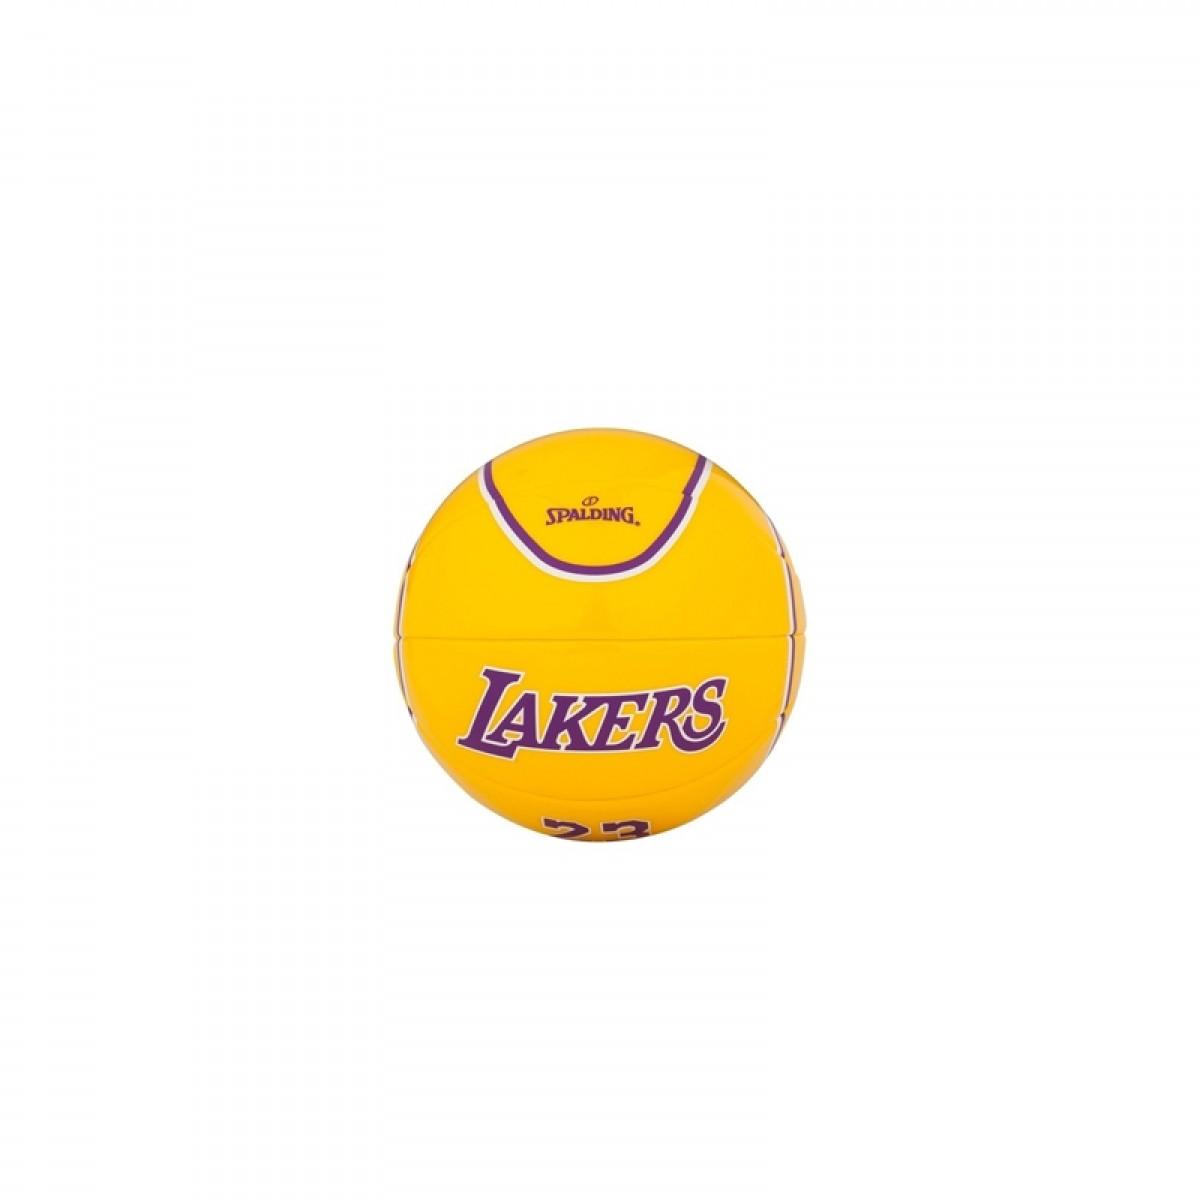 Balón Spalding NBA Player Jersey 'LeBron James'-3001594040021